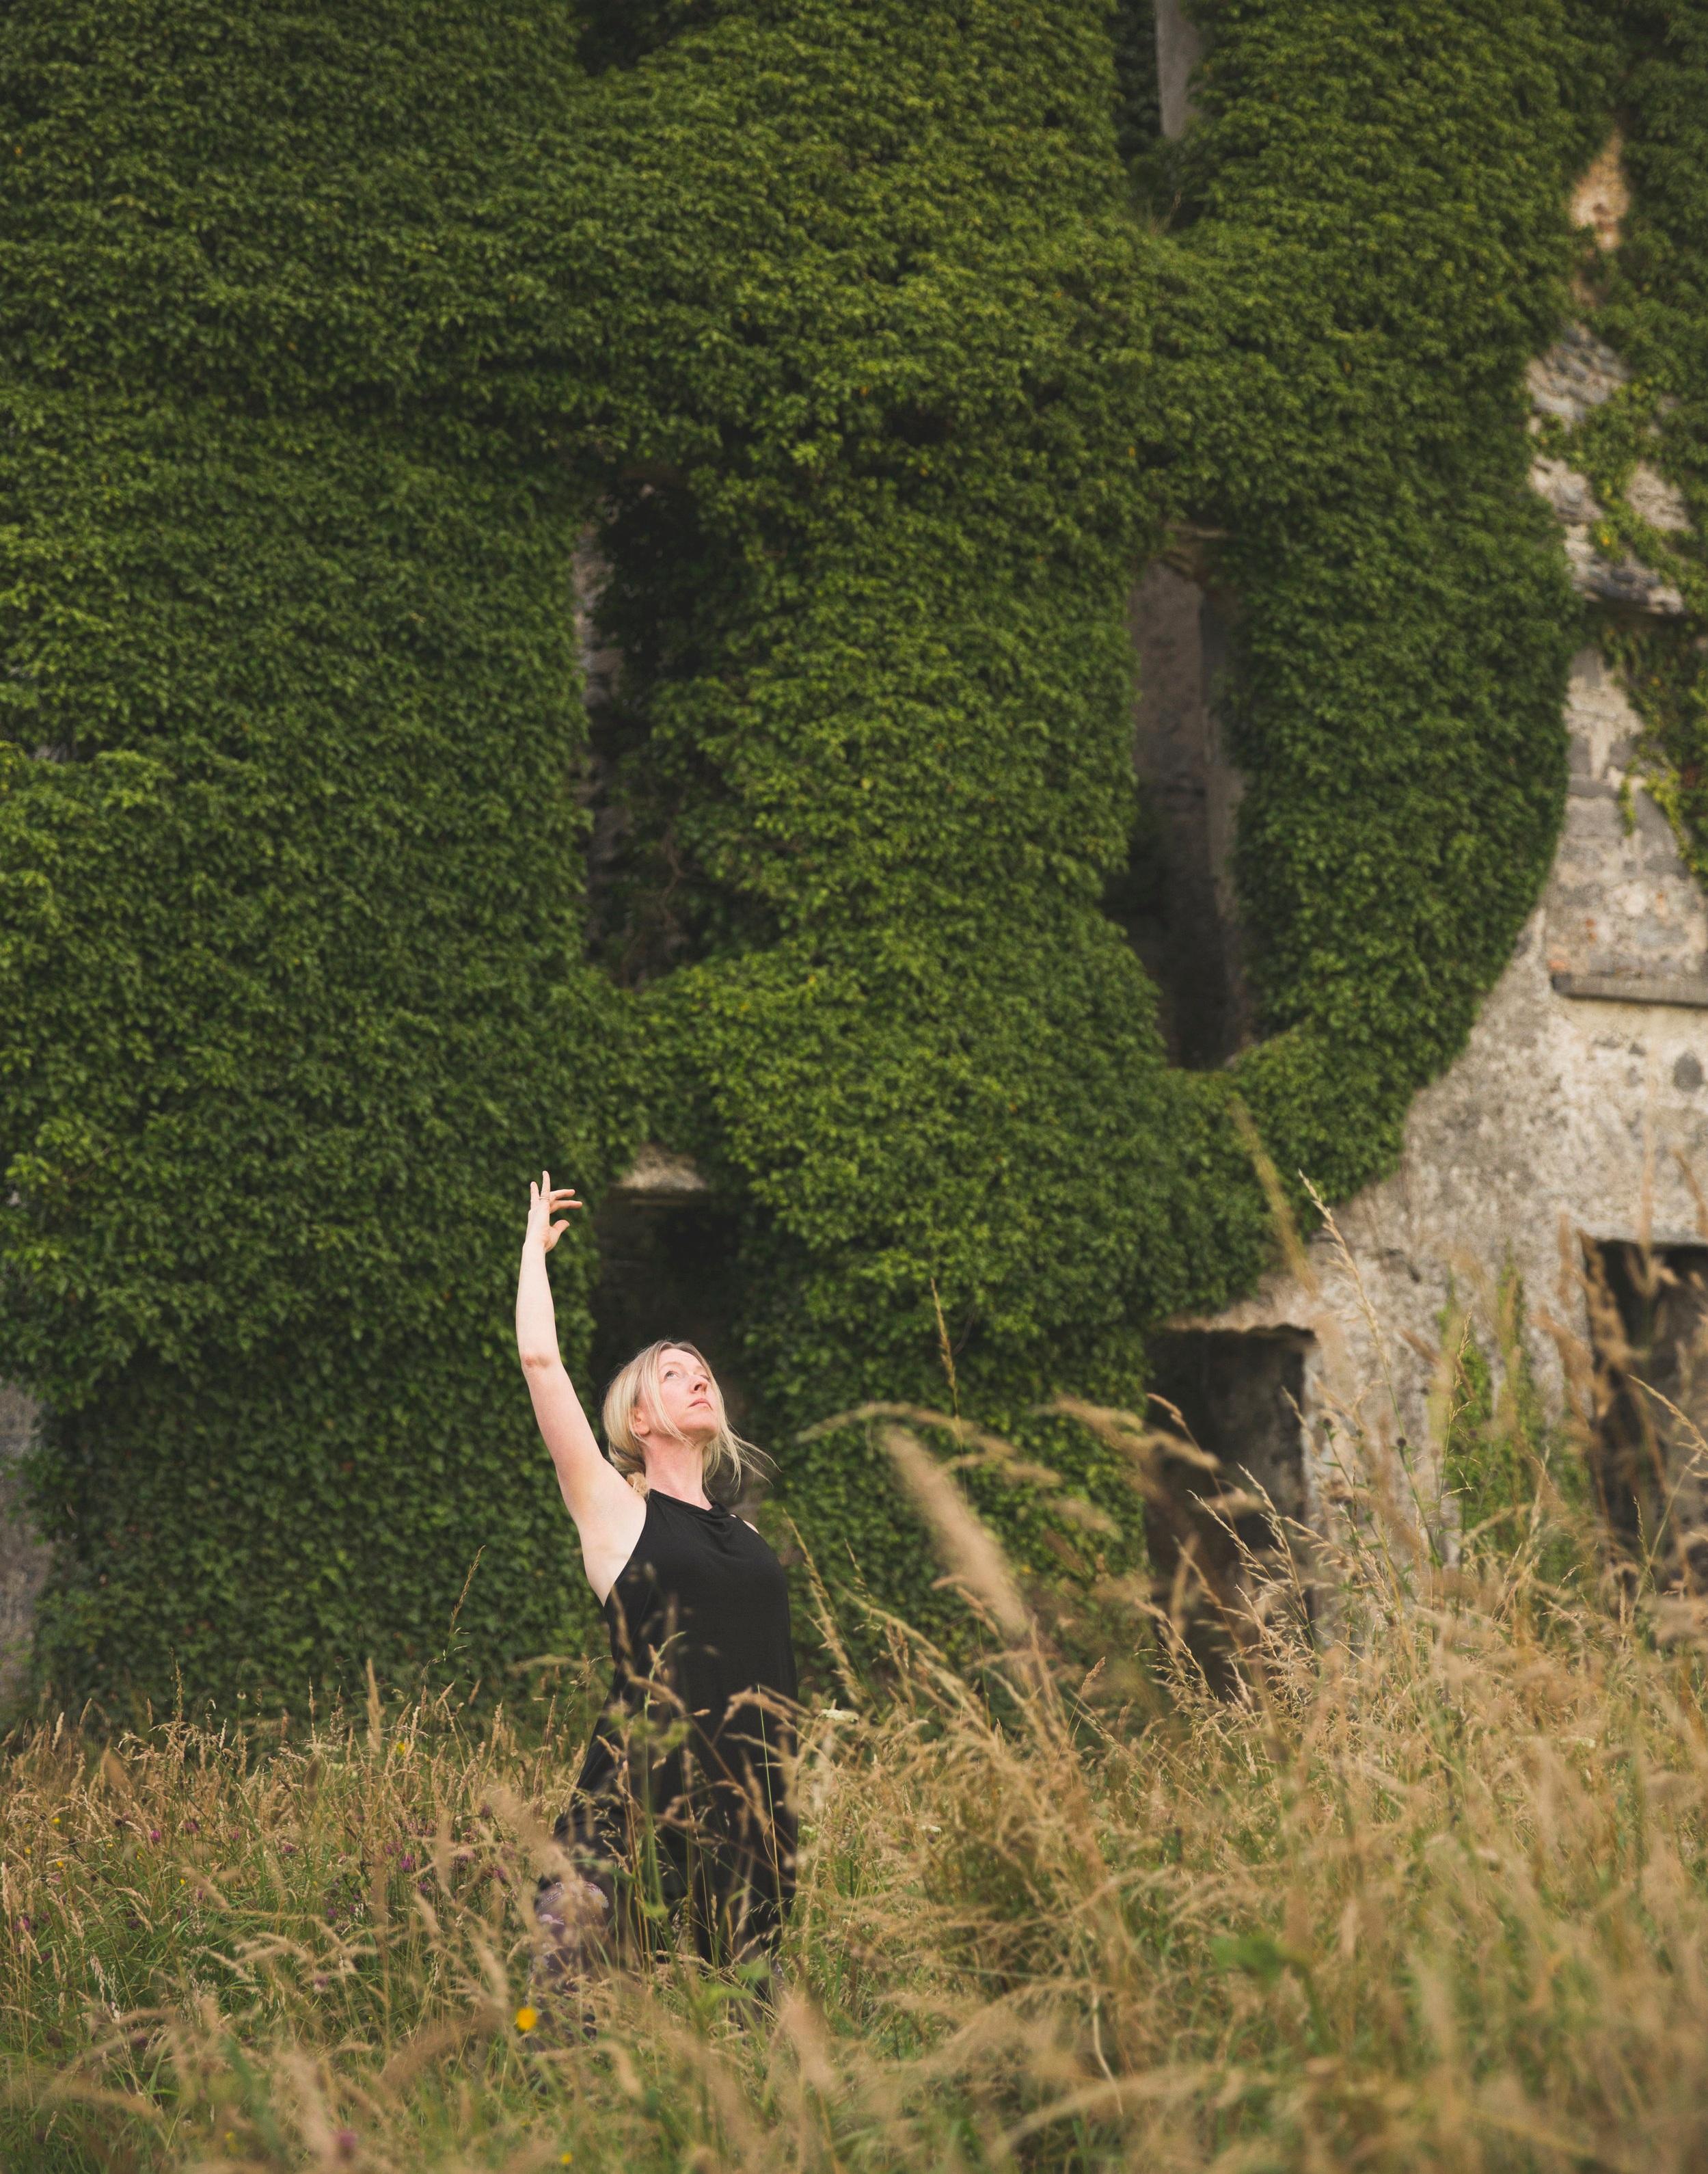 Angela+-+Ireland+Castle+in+the+field.jpg